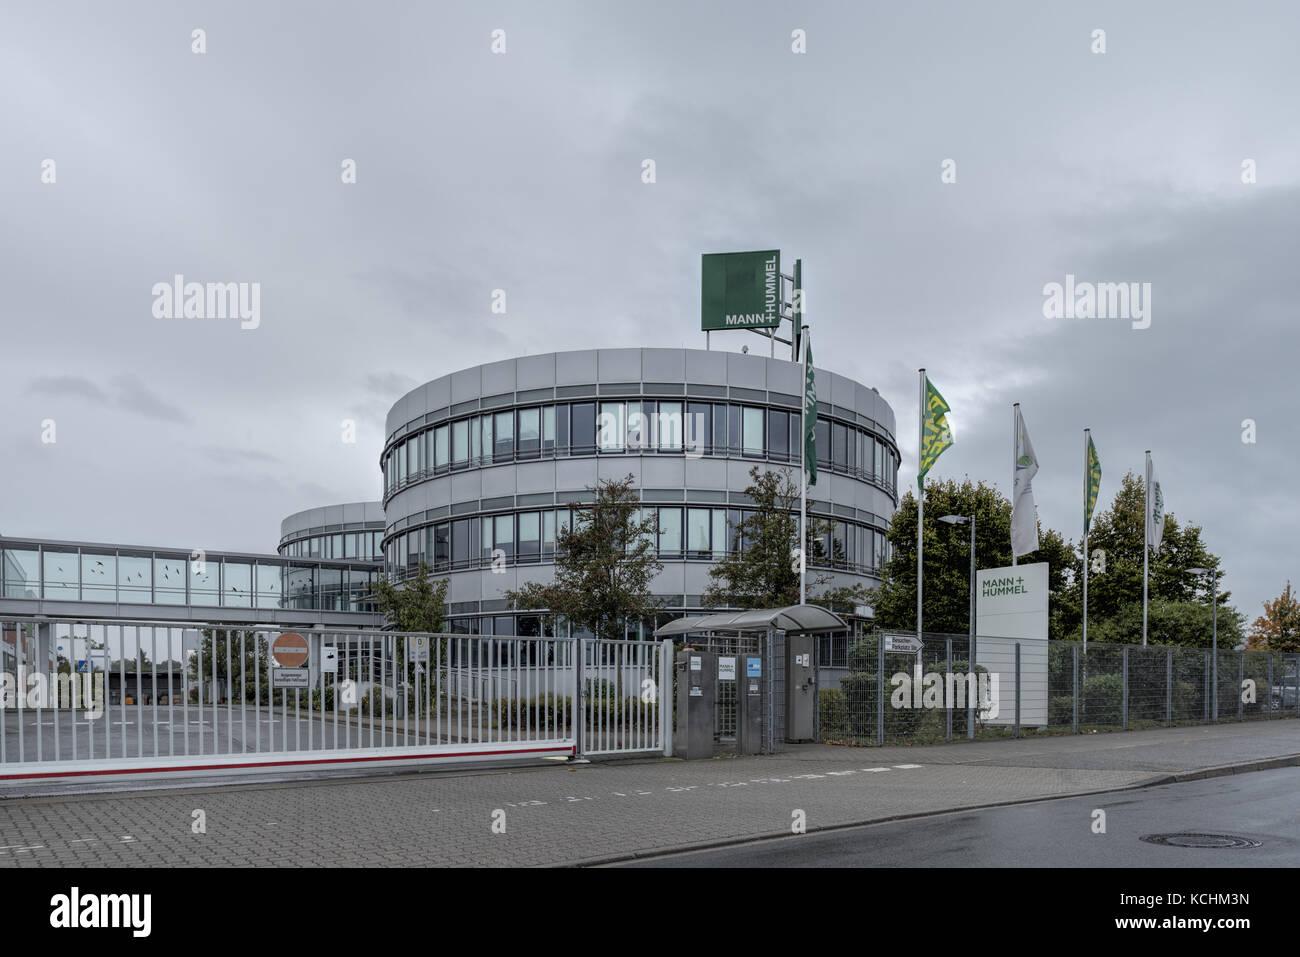 Mann und Hummel GmbH, Wirtschaft, Deutschland, Rheinland-Pfalz, Speyer, Industriebgebiet, October 05. Metallbauunternehmen. - Stock Image